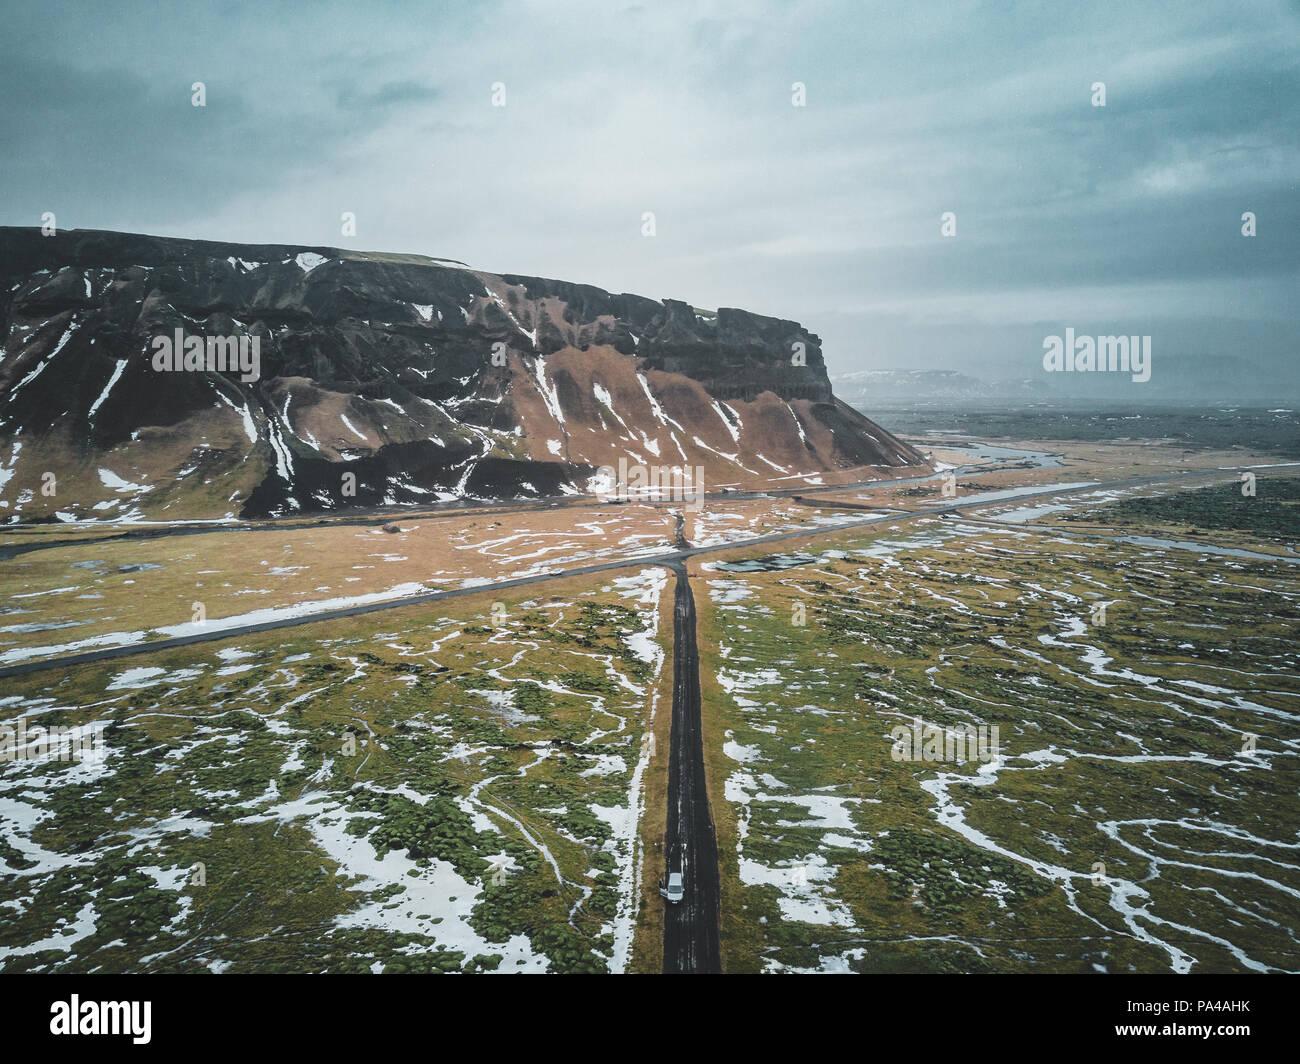 Fotografia aerea della montagna e tangenziale in Islanda con verde muschio e neve Immagini Stock